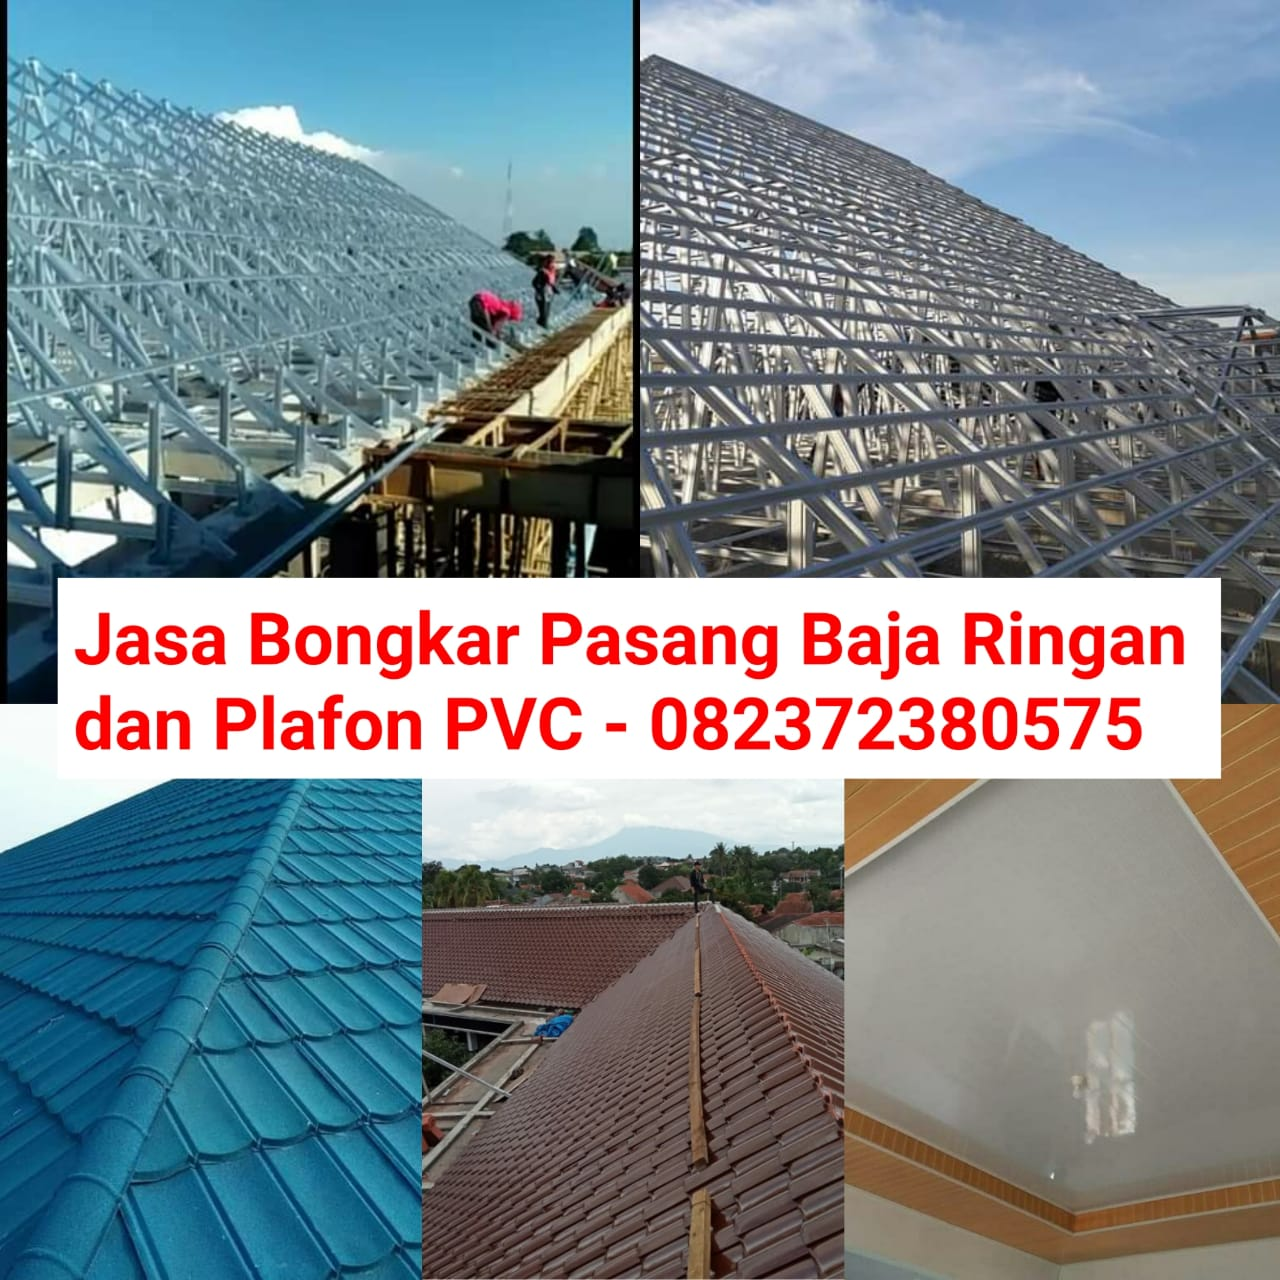 Jasa Bongkar Pasang Baja Ringan dan Plafon Area Jakarta, Bogor, Depok, Tangerang, dan Bekasi